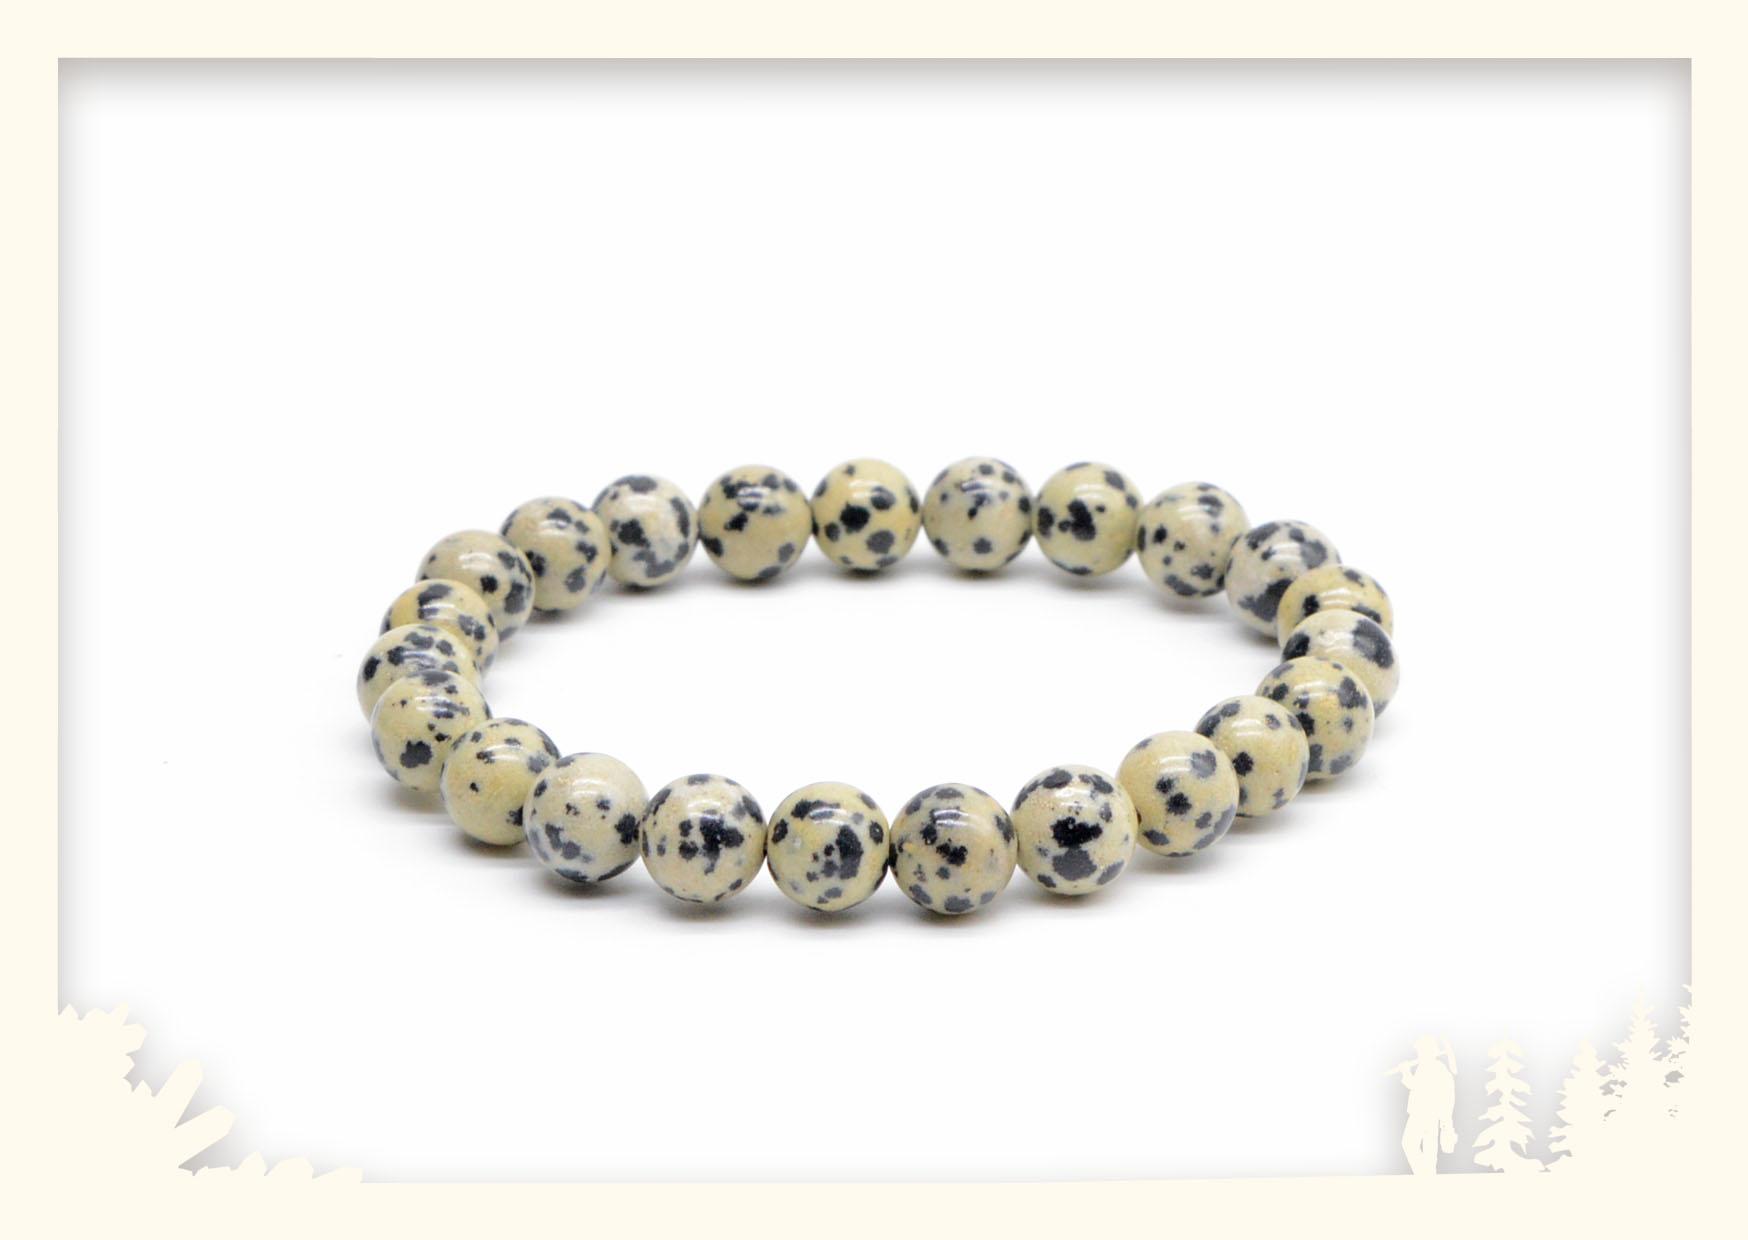 Kugelarmband Dalmatinerjaspis Image